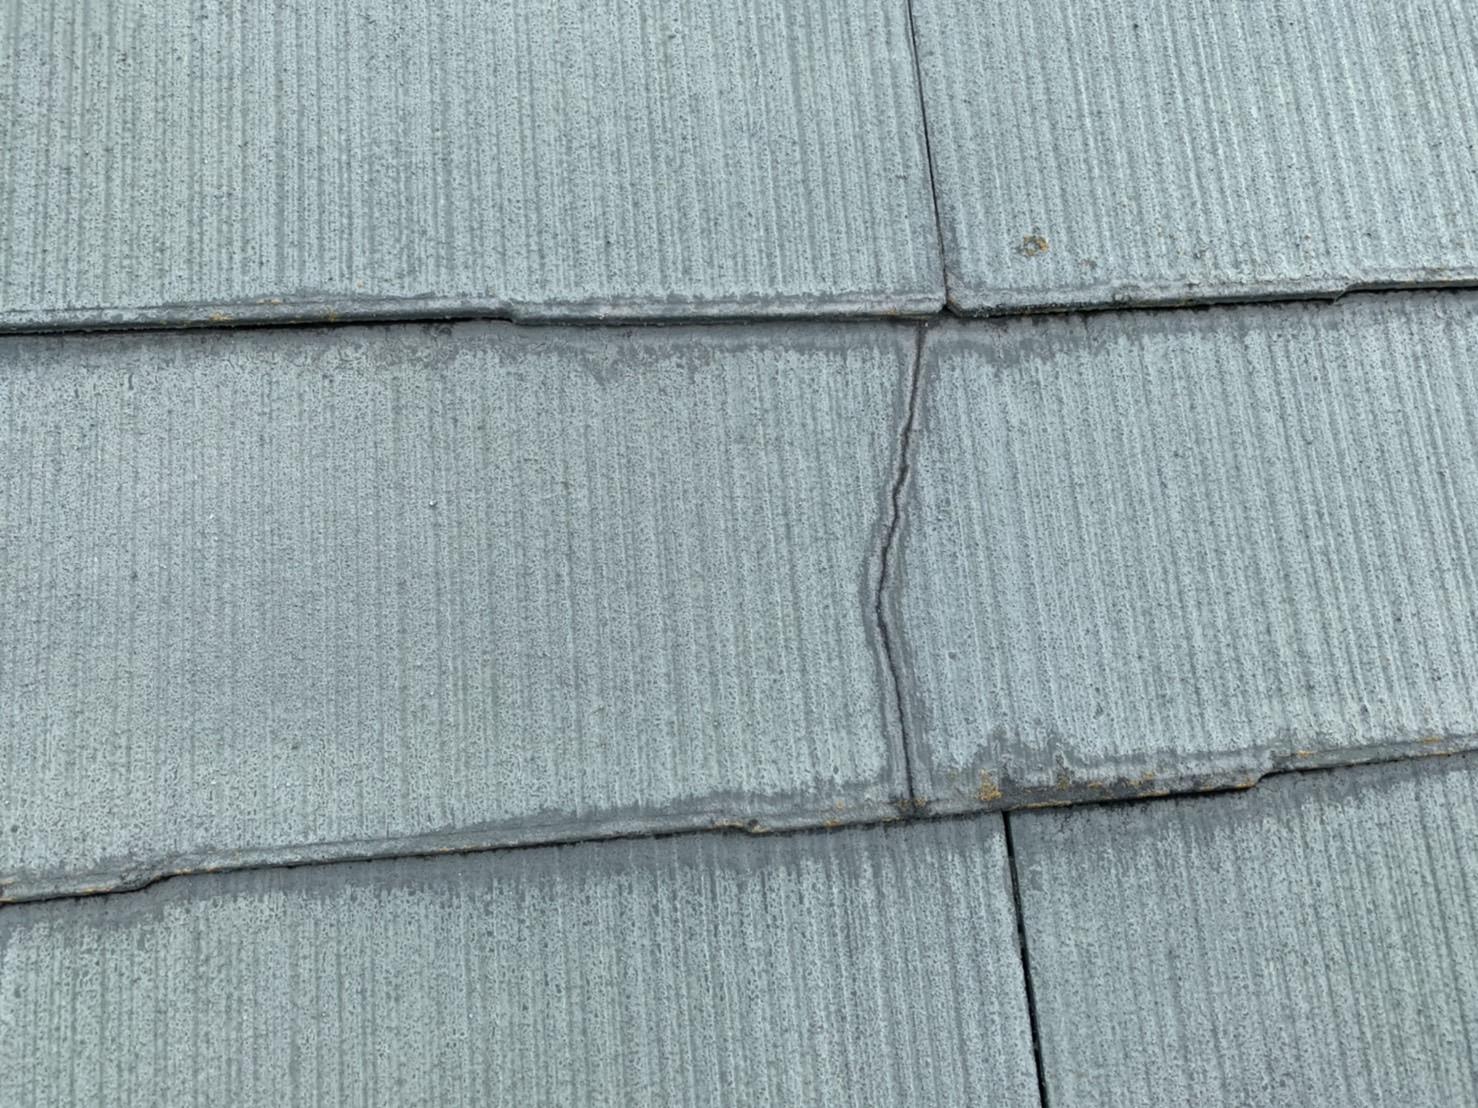 四日市市のカラーベスト屋根のひび割れ